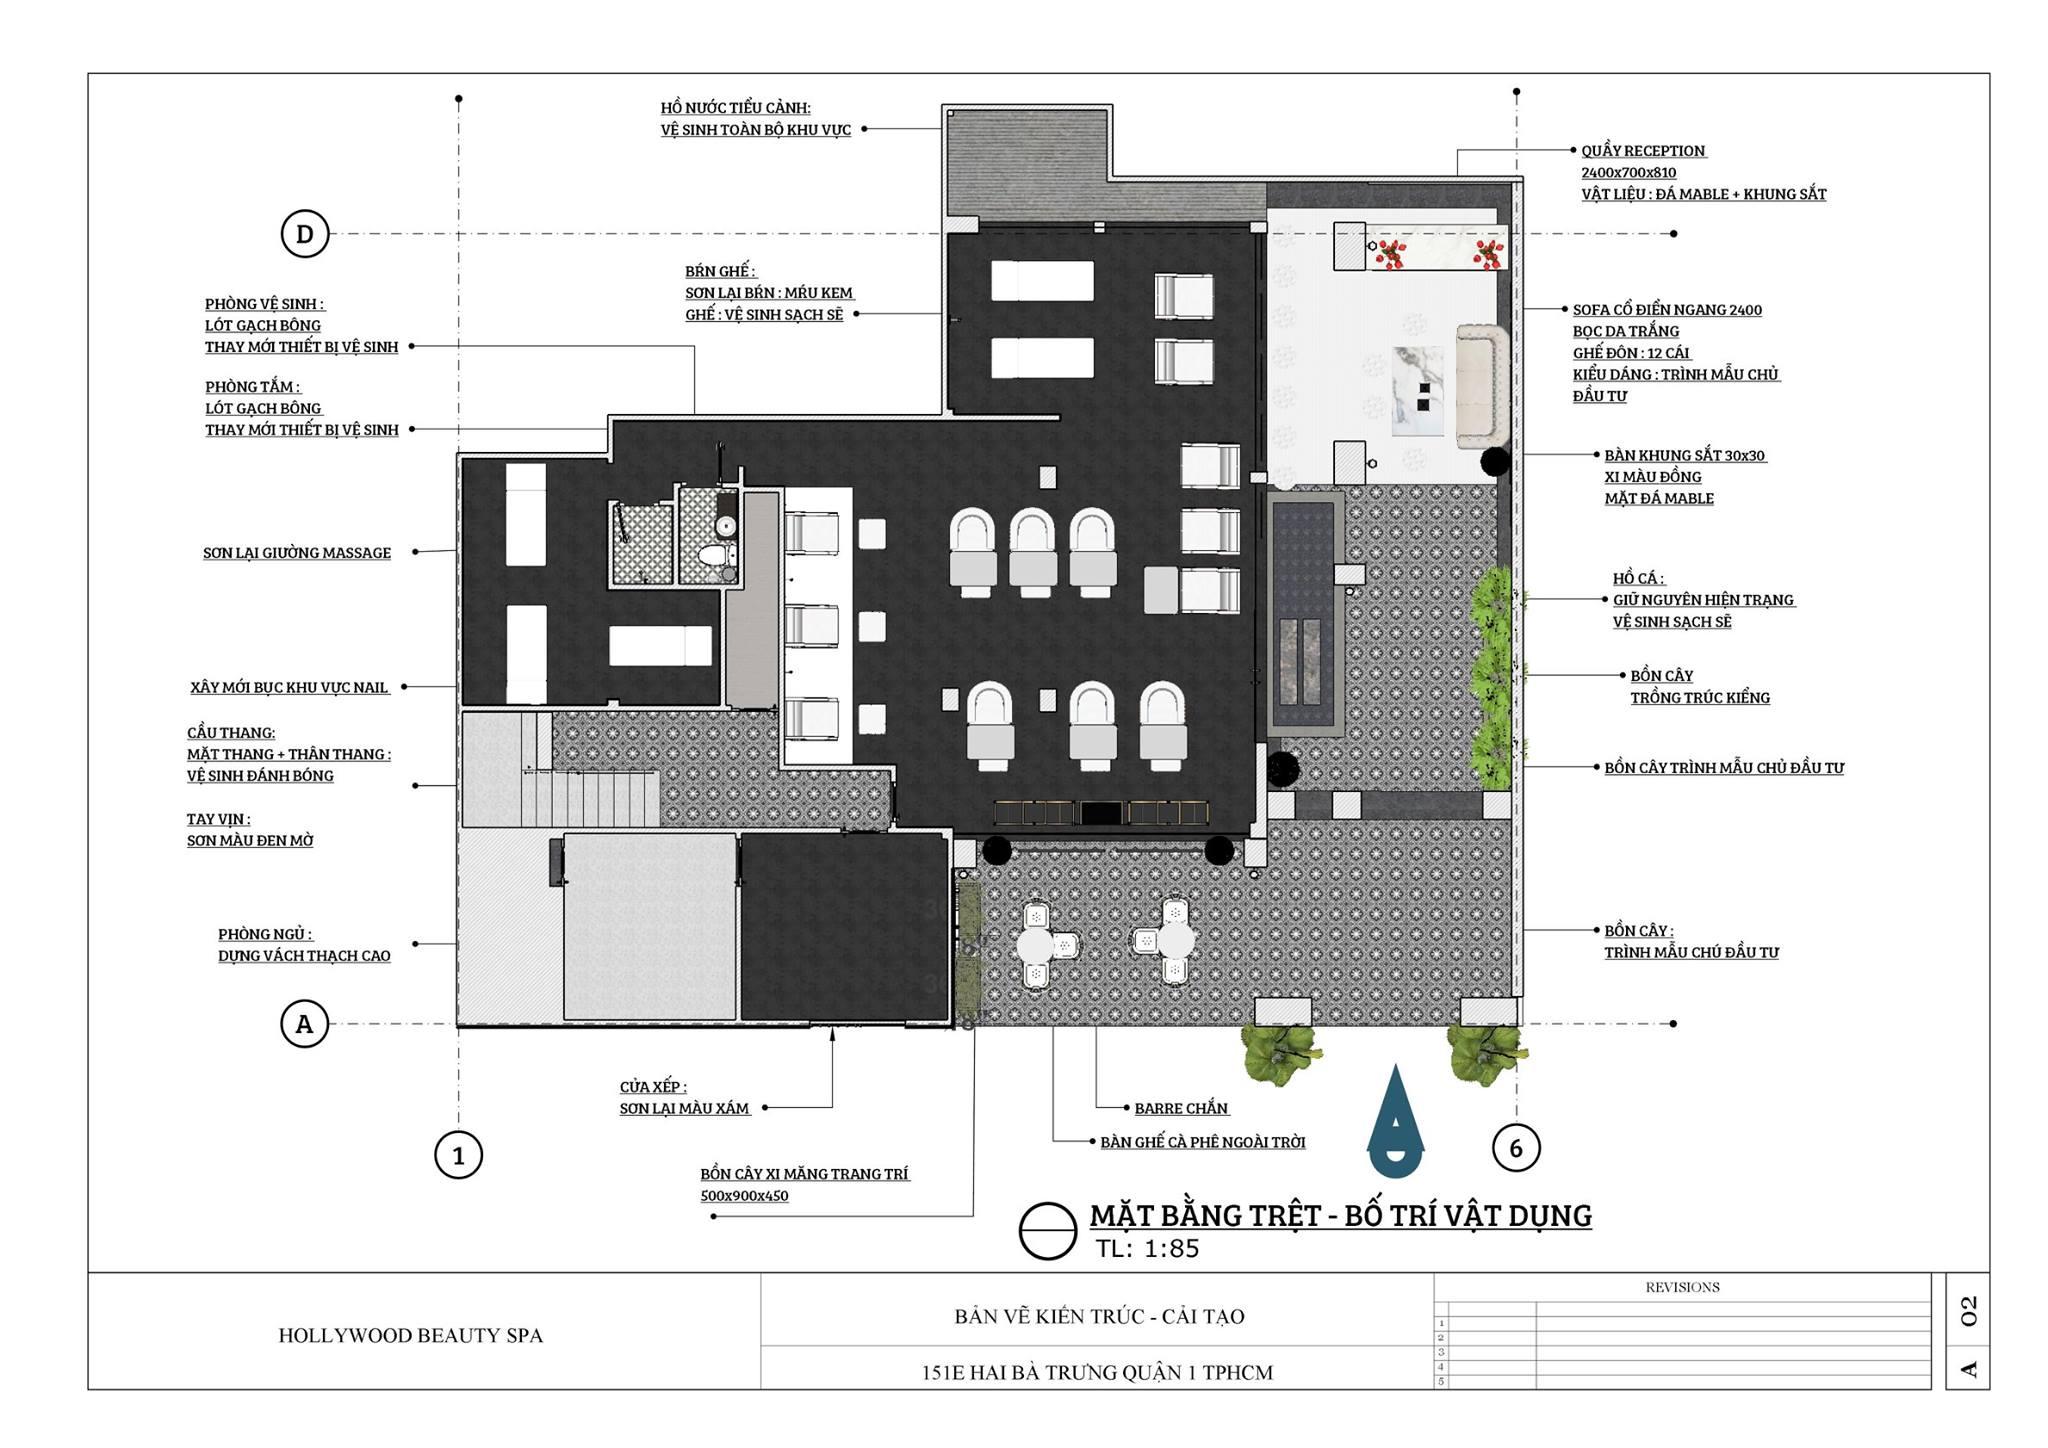 thiết kế nội thất Spa tại Hồ Chí Minh CẢI TẠO SPA - 06.2017 6 1534236526